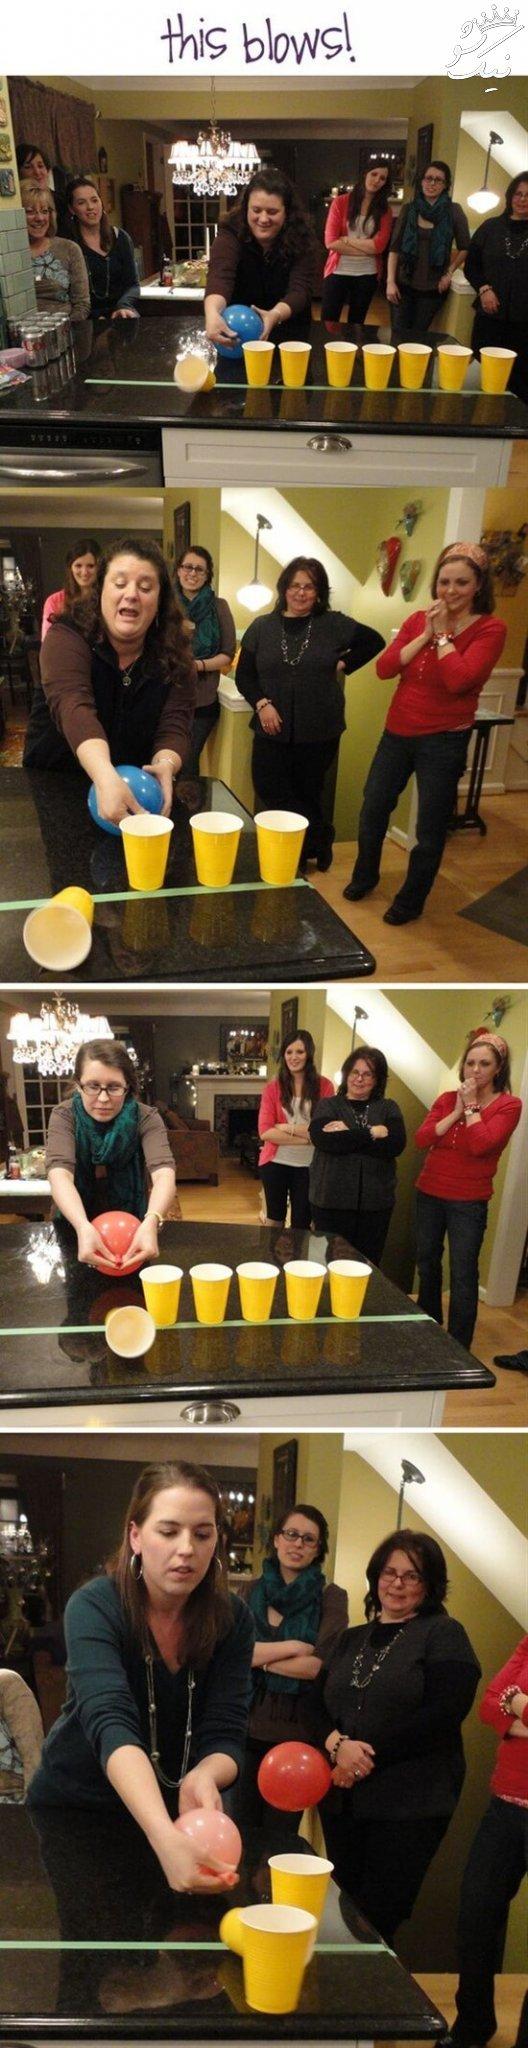 ایده بازی و مسابقه برای مهمانی ، مراسم و جشن